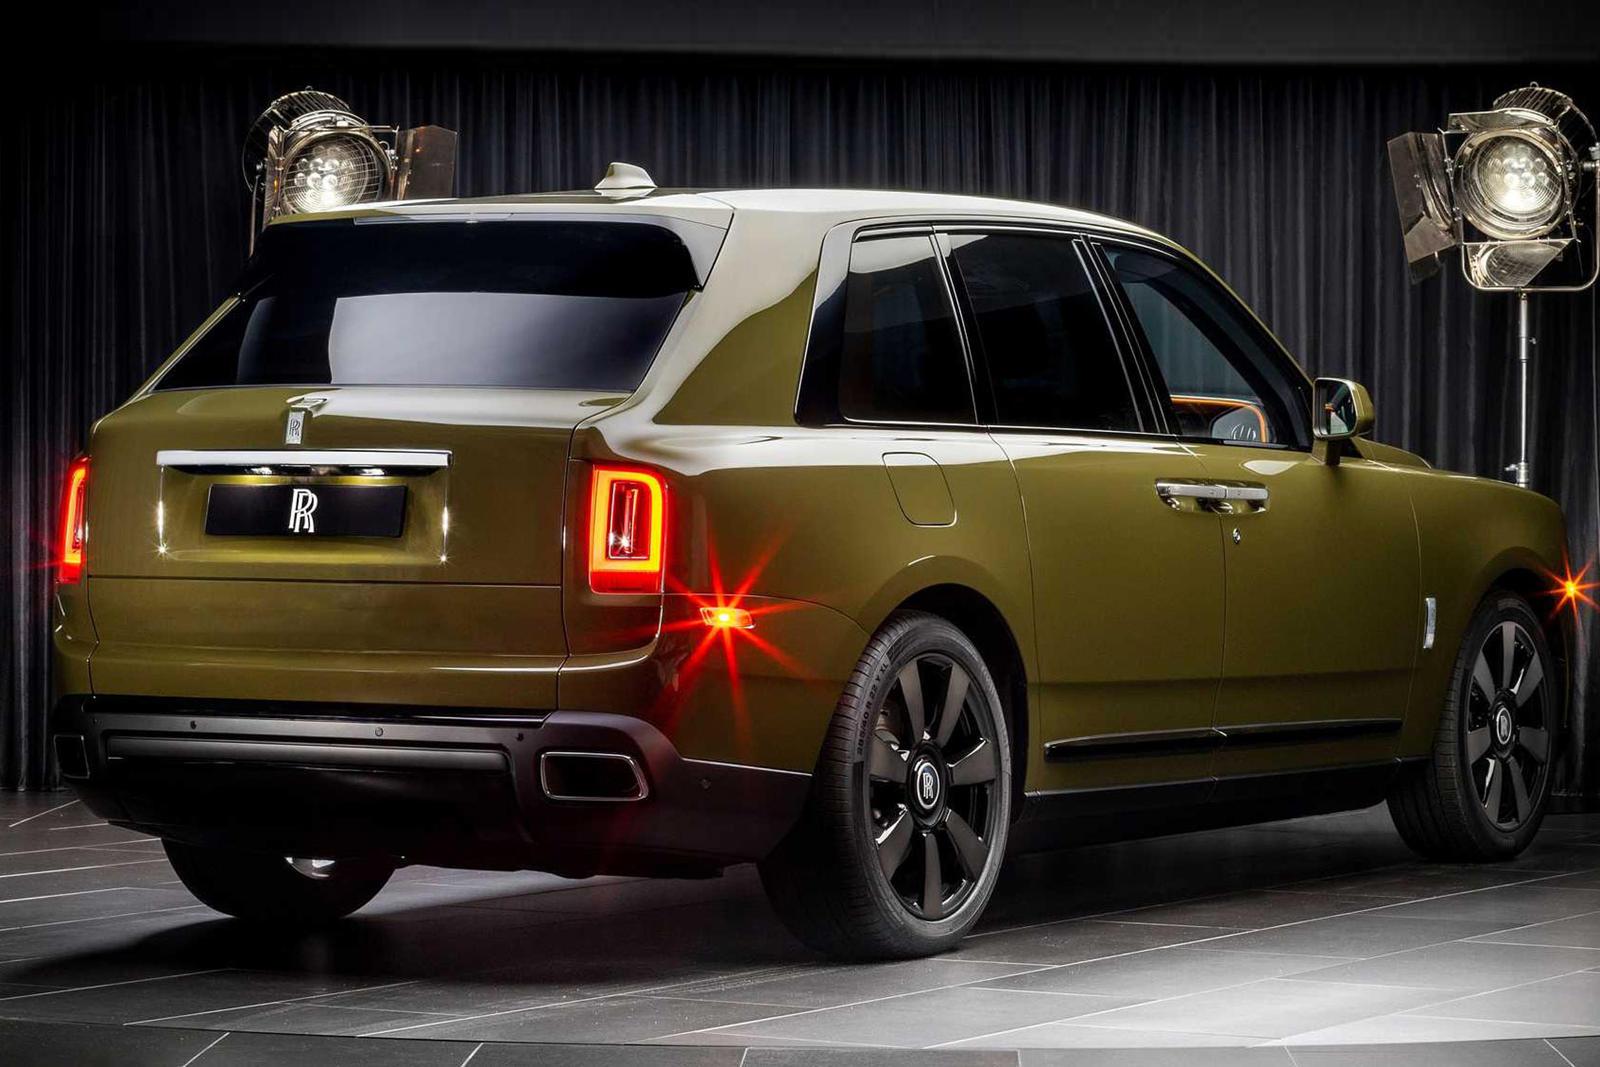 Уилл Веттер, менеджер по продукции Rolls-Royce в Америке, говорит: «Мы хотели дать нашим клиентам возможность увидеть и вдохновиться цветами, которые ранее были разработаны отделом дизайна Rolls-Royce Bespoke, через эту коллекцию Bespoke, выпущенную